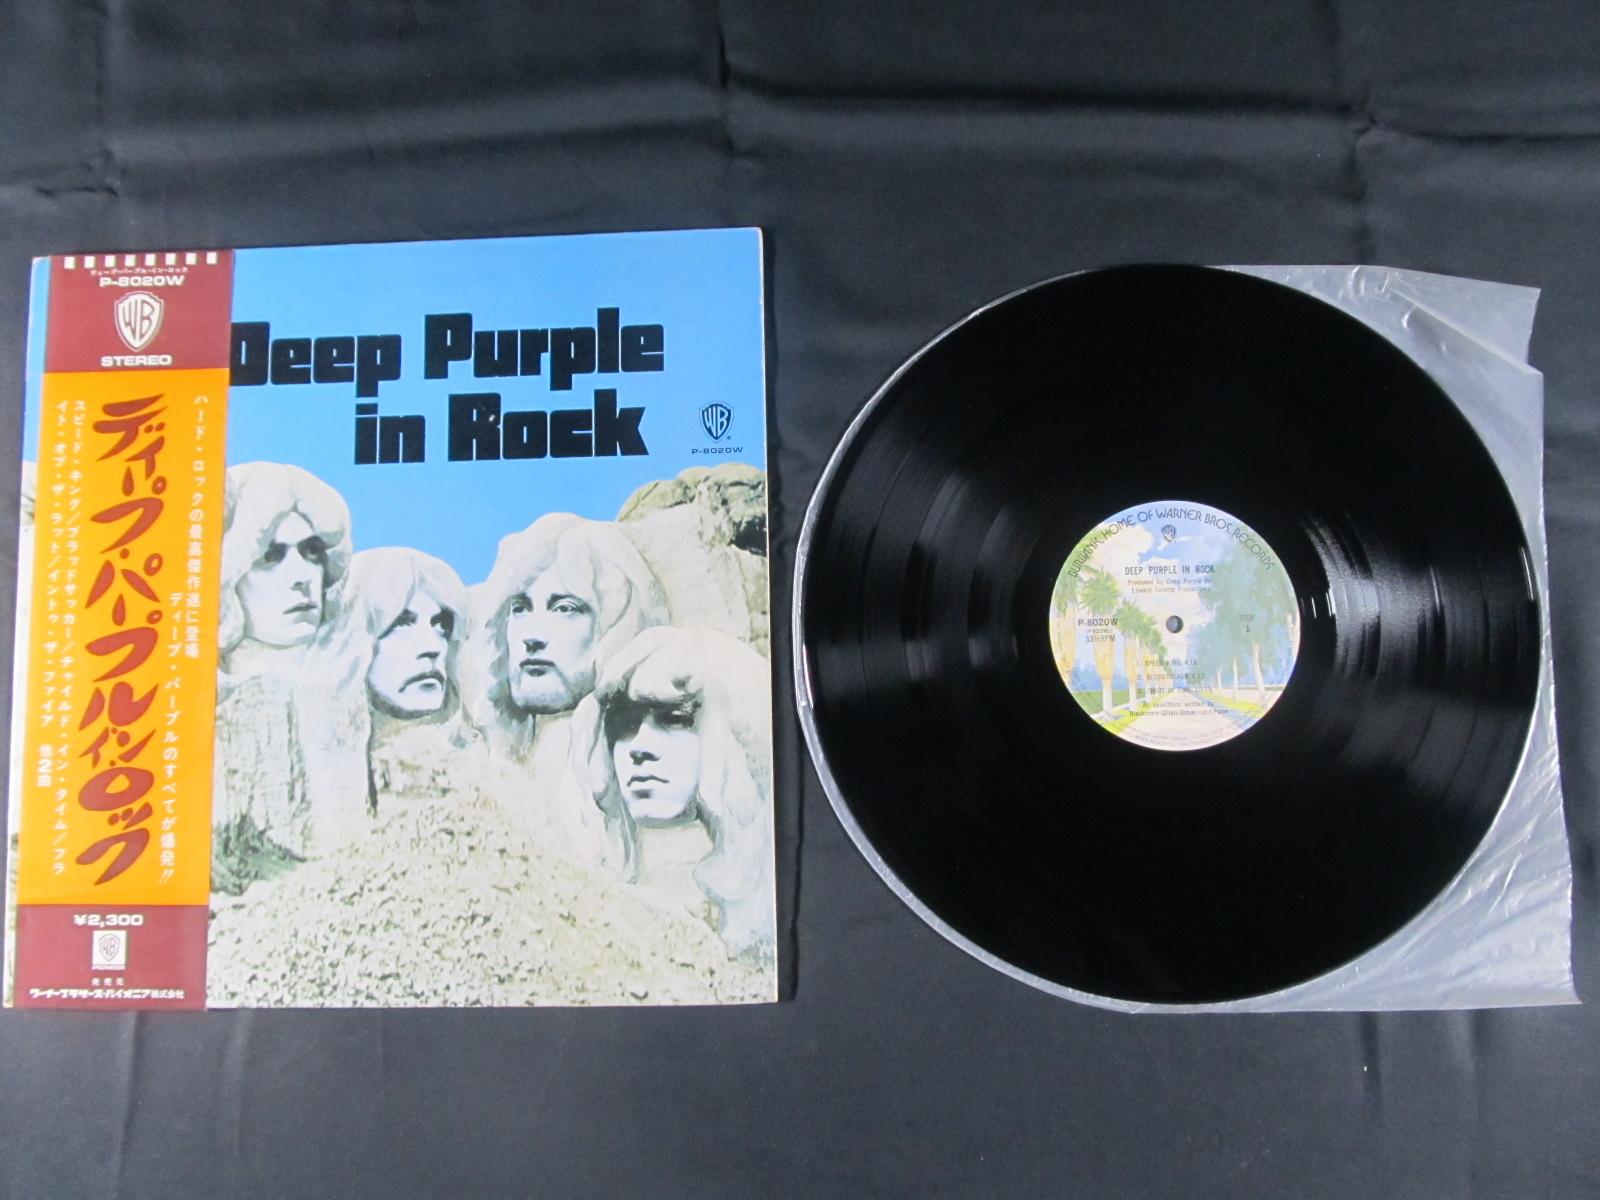 中古LP DEEP PURPLE『IN ROCK』/ディープ・パープル 『イン・ロック』画像